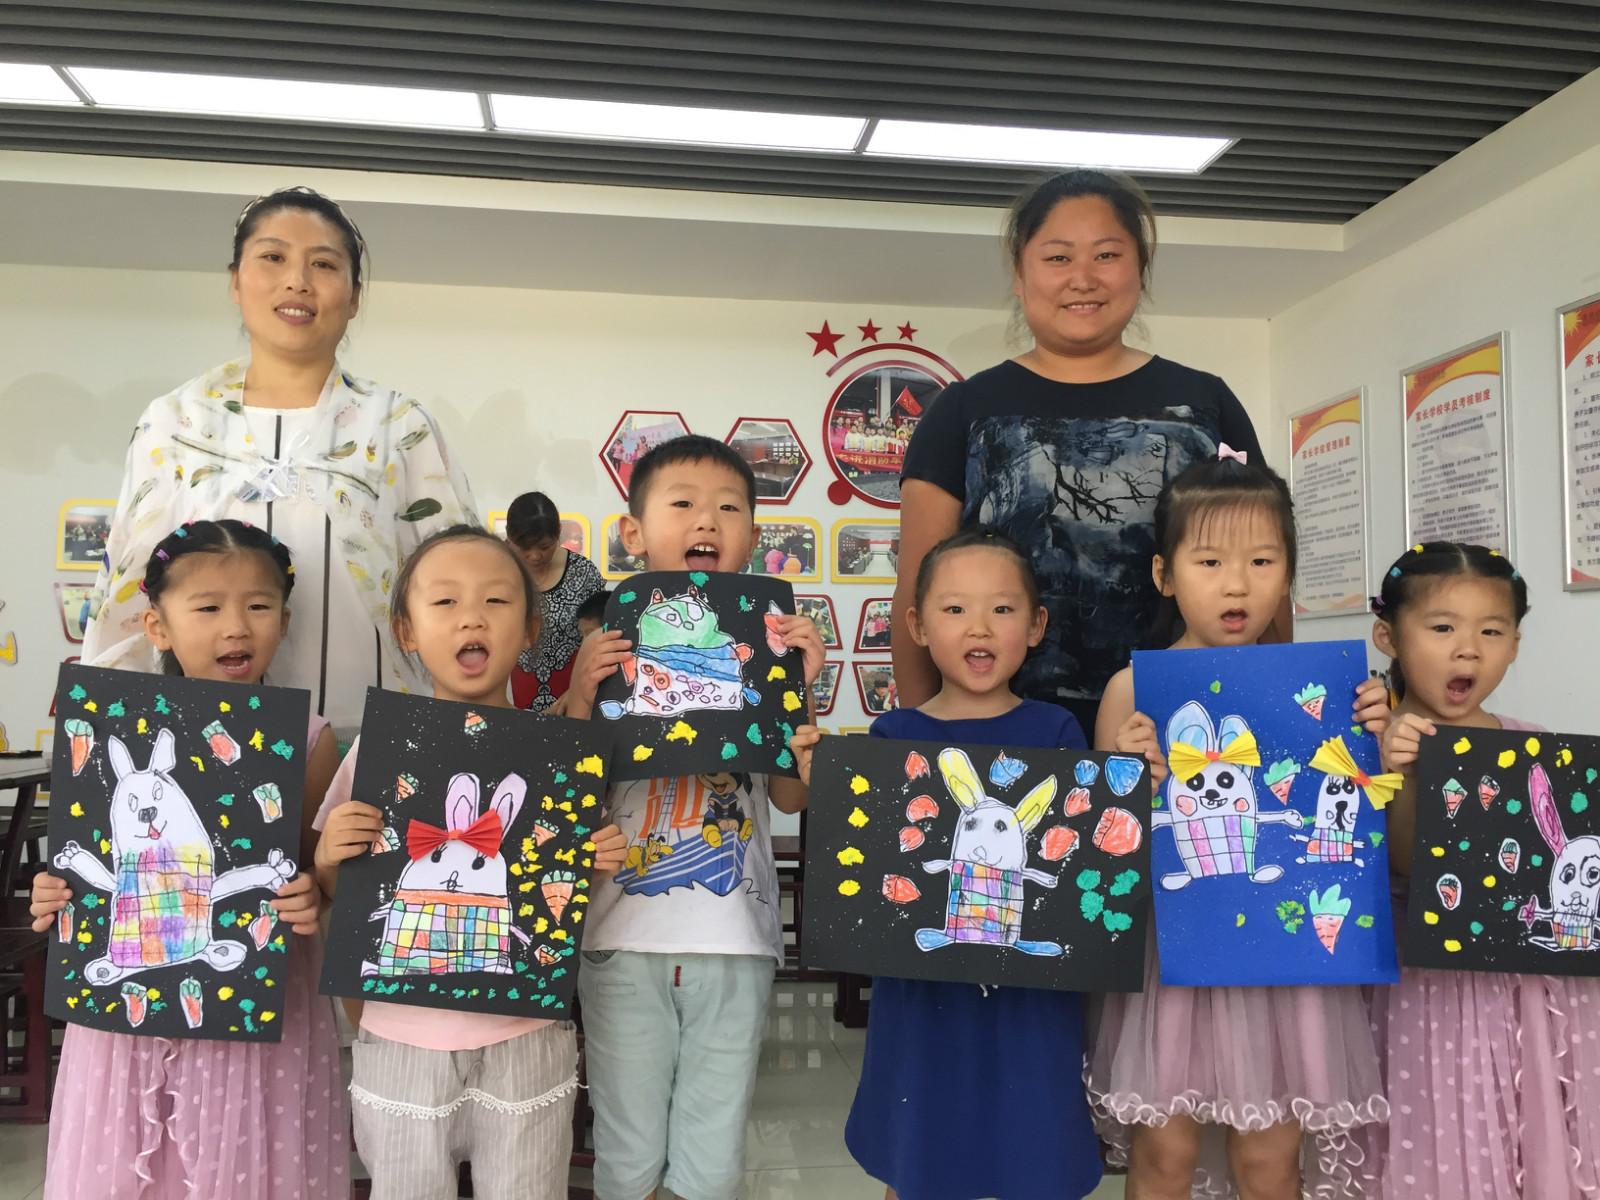 参加本次活动的亲子为幼儿园小班的孩子和家长,绘画的内容是快乐的